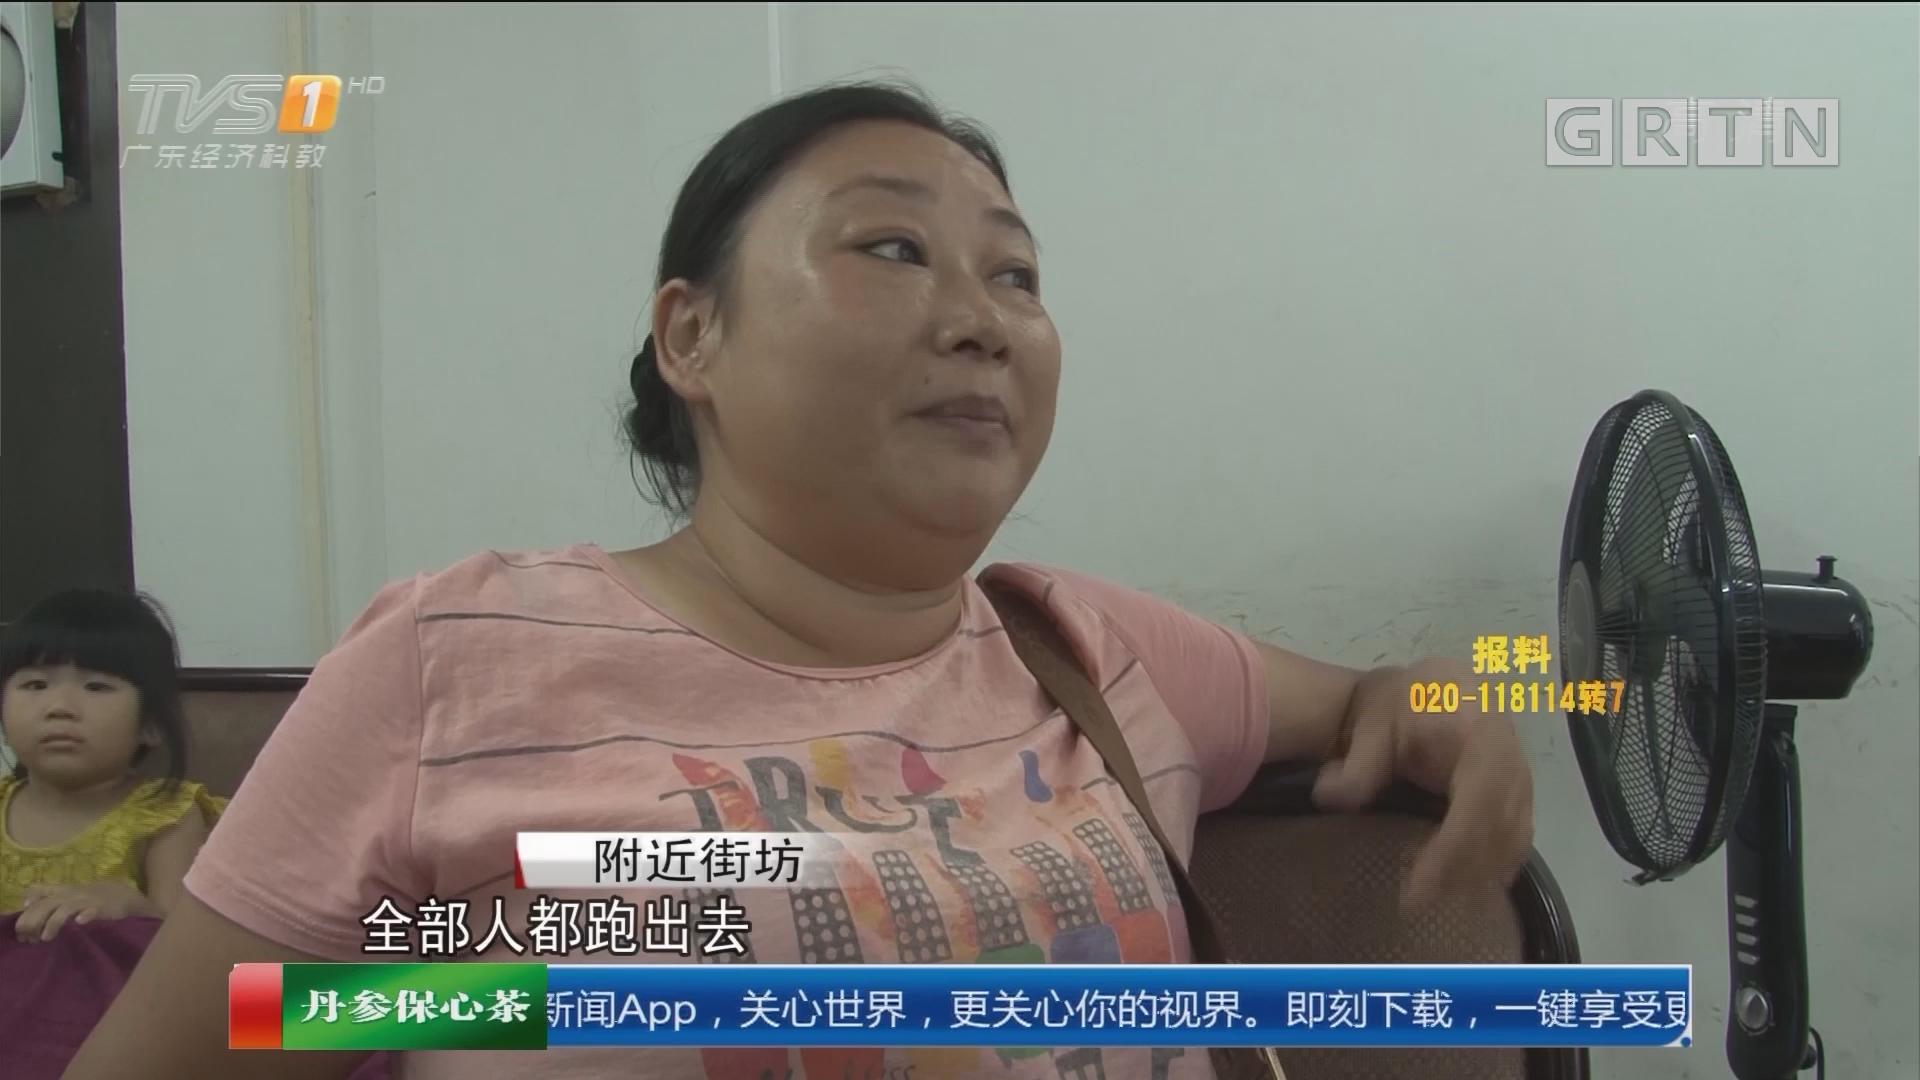 惠州惠城:店主深夜遭男子猥亵 街坊出手